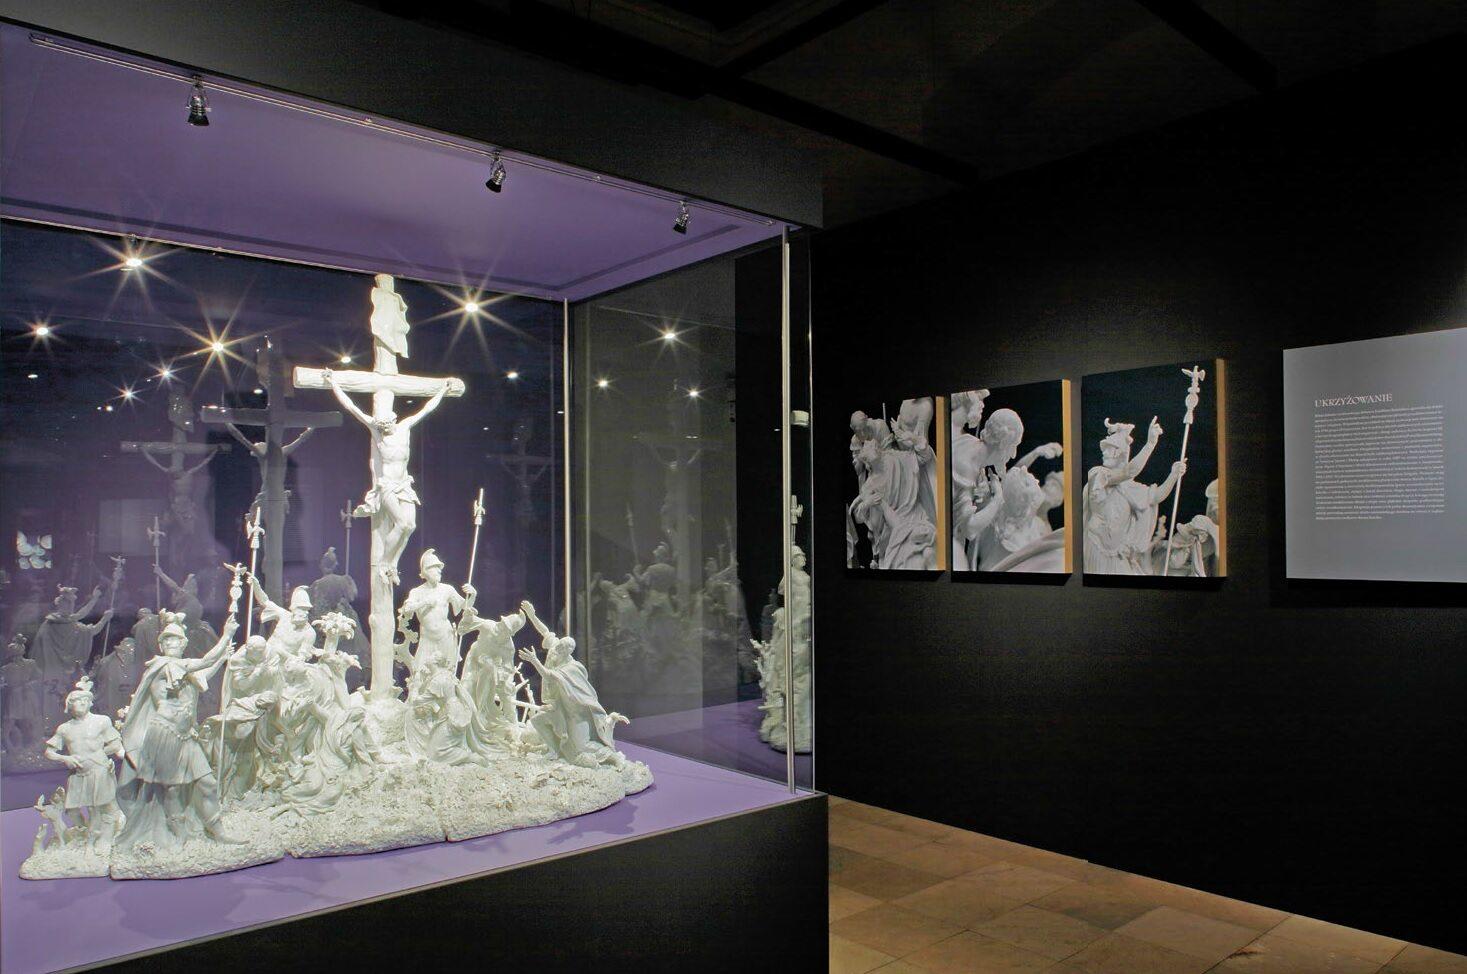 """Na wystawie oglądać można m.in. monumentalne, wysokie na niemal półtora metra i złożone z 15 segmentów porcelanowe """"Ukrzyżowanie"""". To dzieło Joachim Kändler wykonał na osobiste zamówienie Augusta III"""